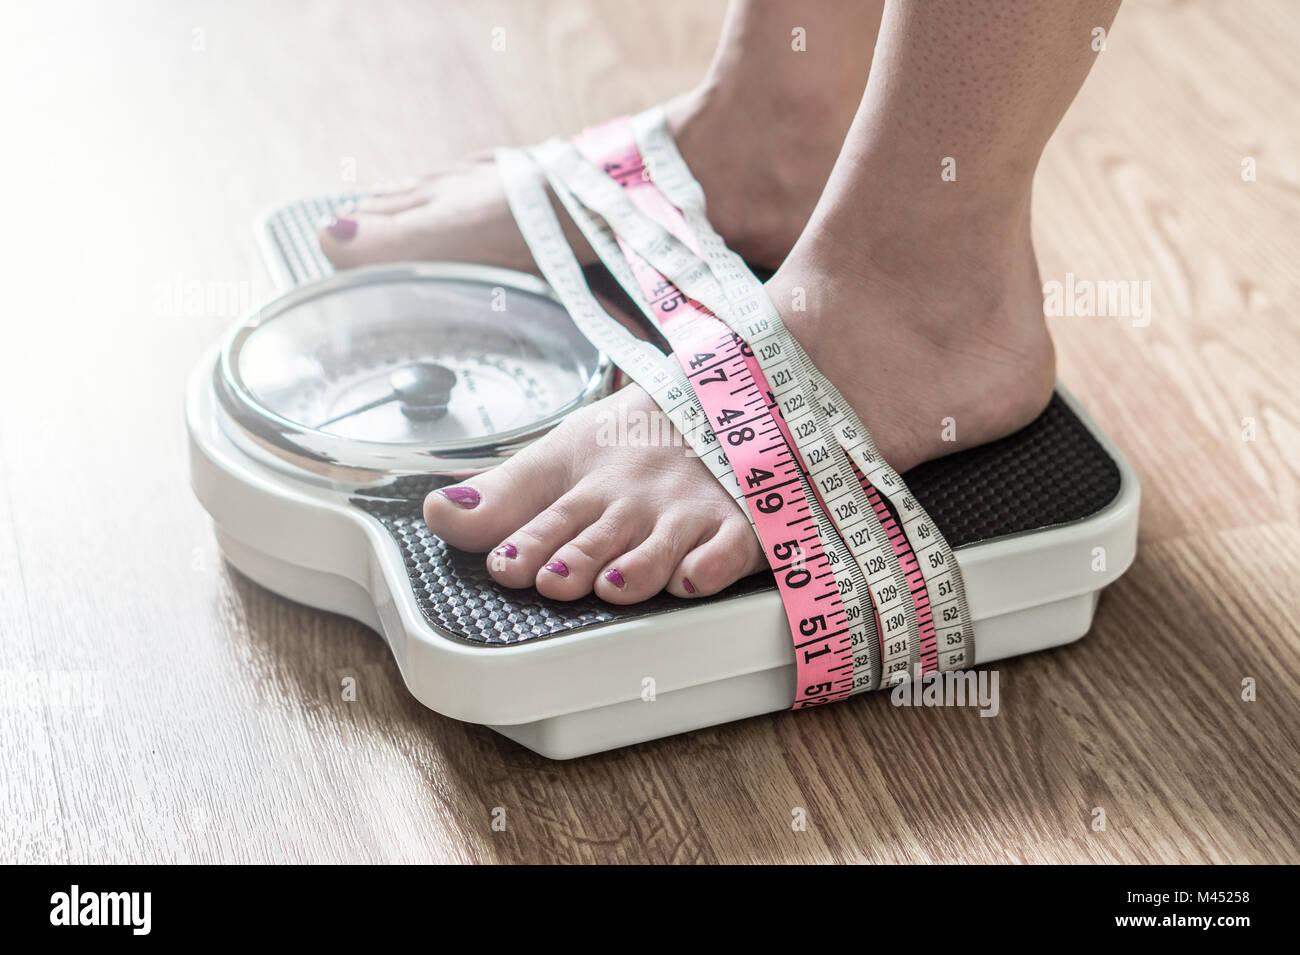 L'anorexie et de trouble de l'alimentation concept. Pieds attachés avec un ruban à mesurer à Photo Stock